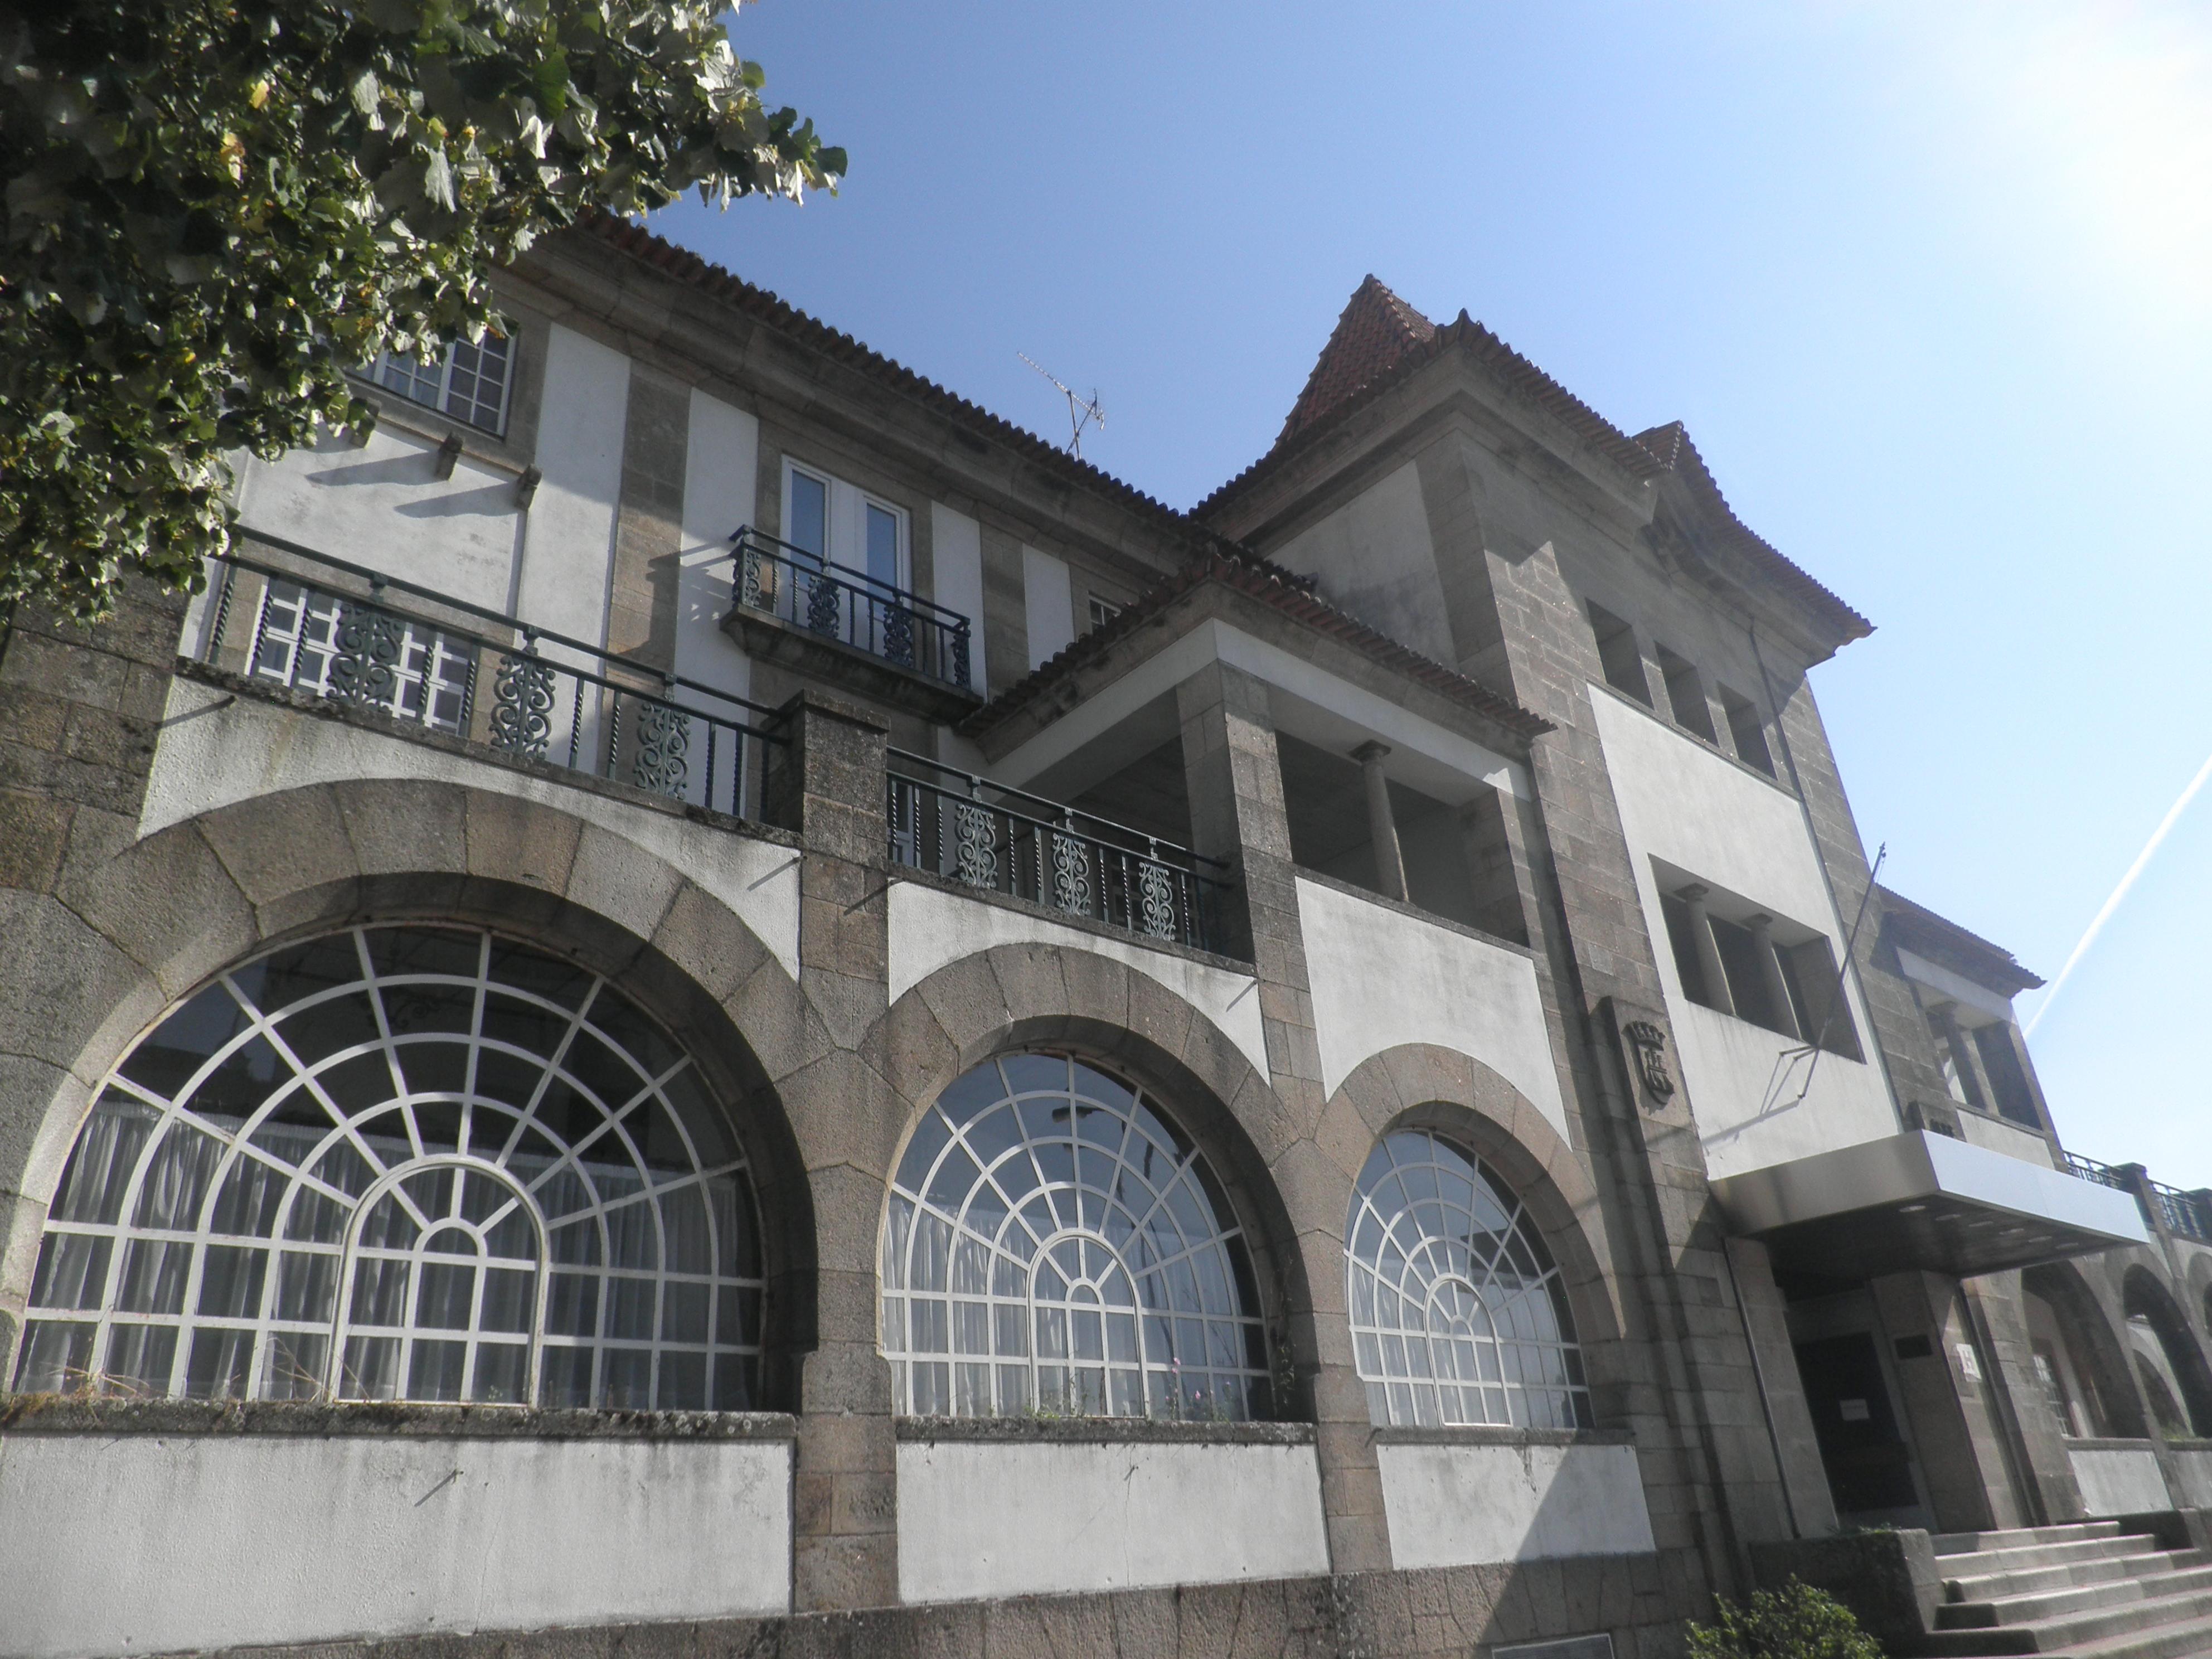 Hotel Turismo da Guarda é o mais recente concurso lançado pelo Programa Revive / Wikimedia commons